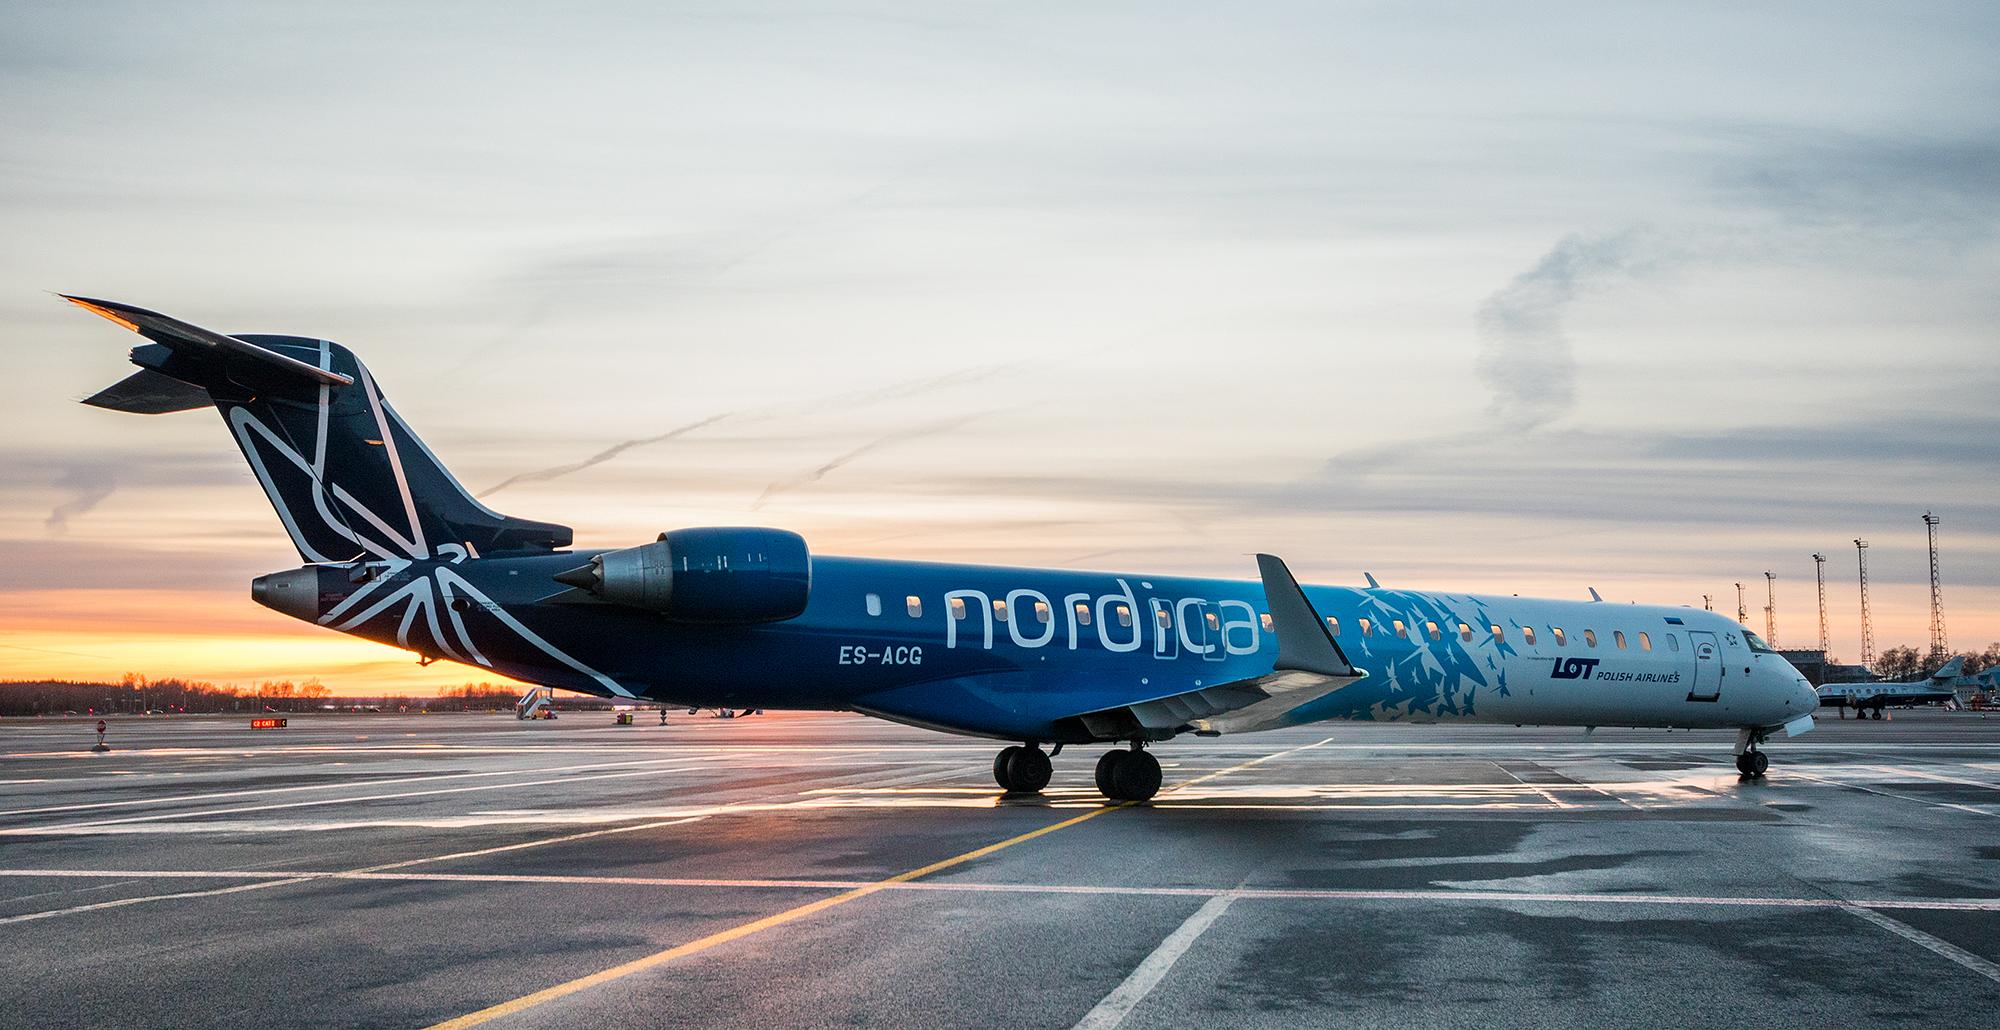 Авиакомпания Nordica открывает из Пулково рейсы в Таллинн